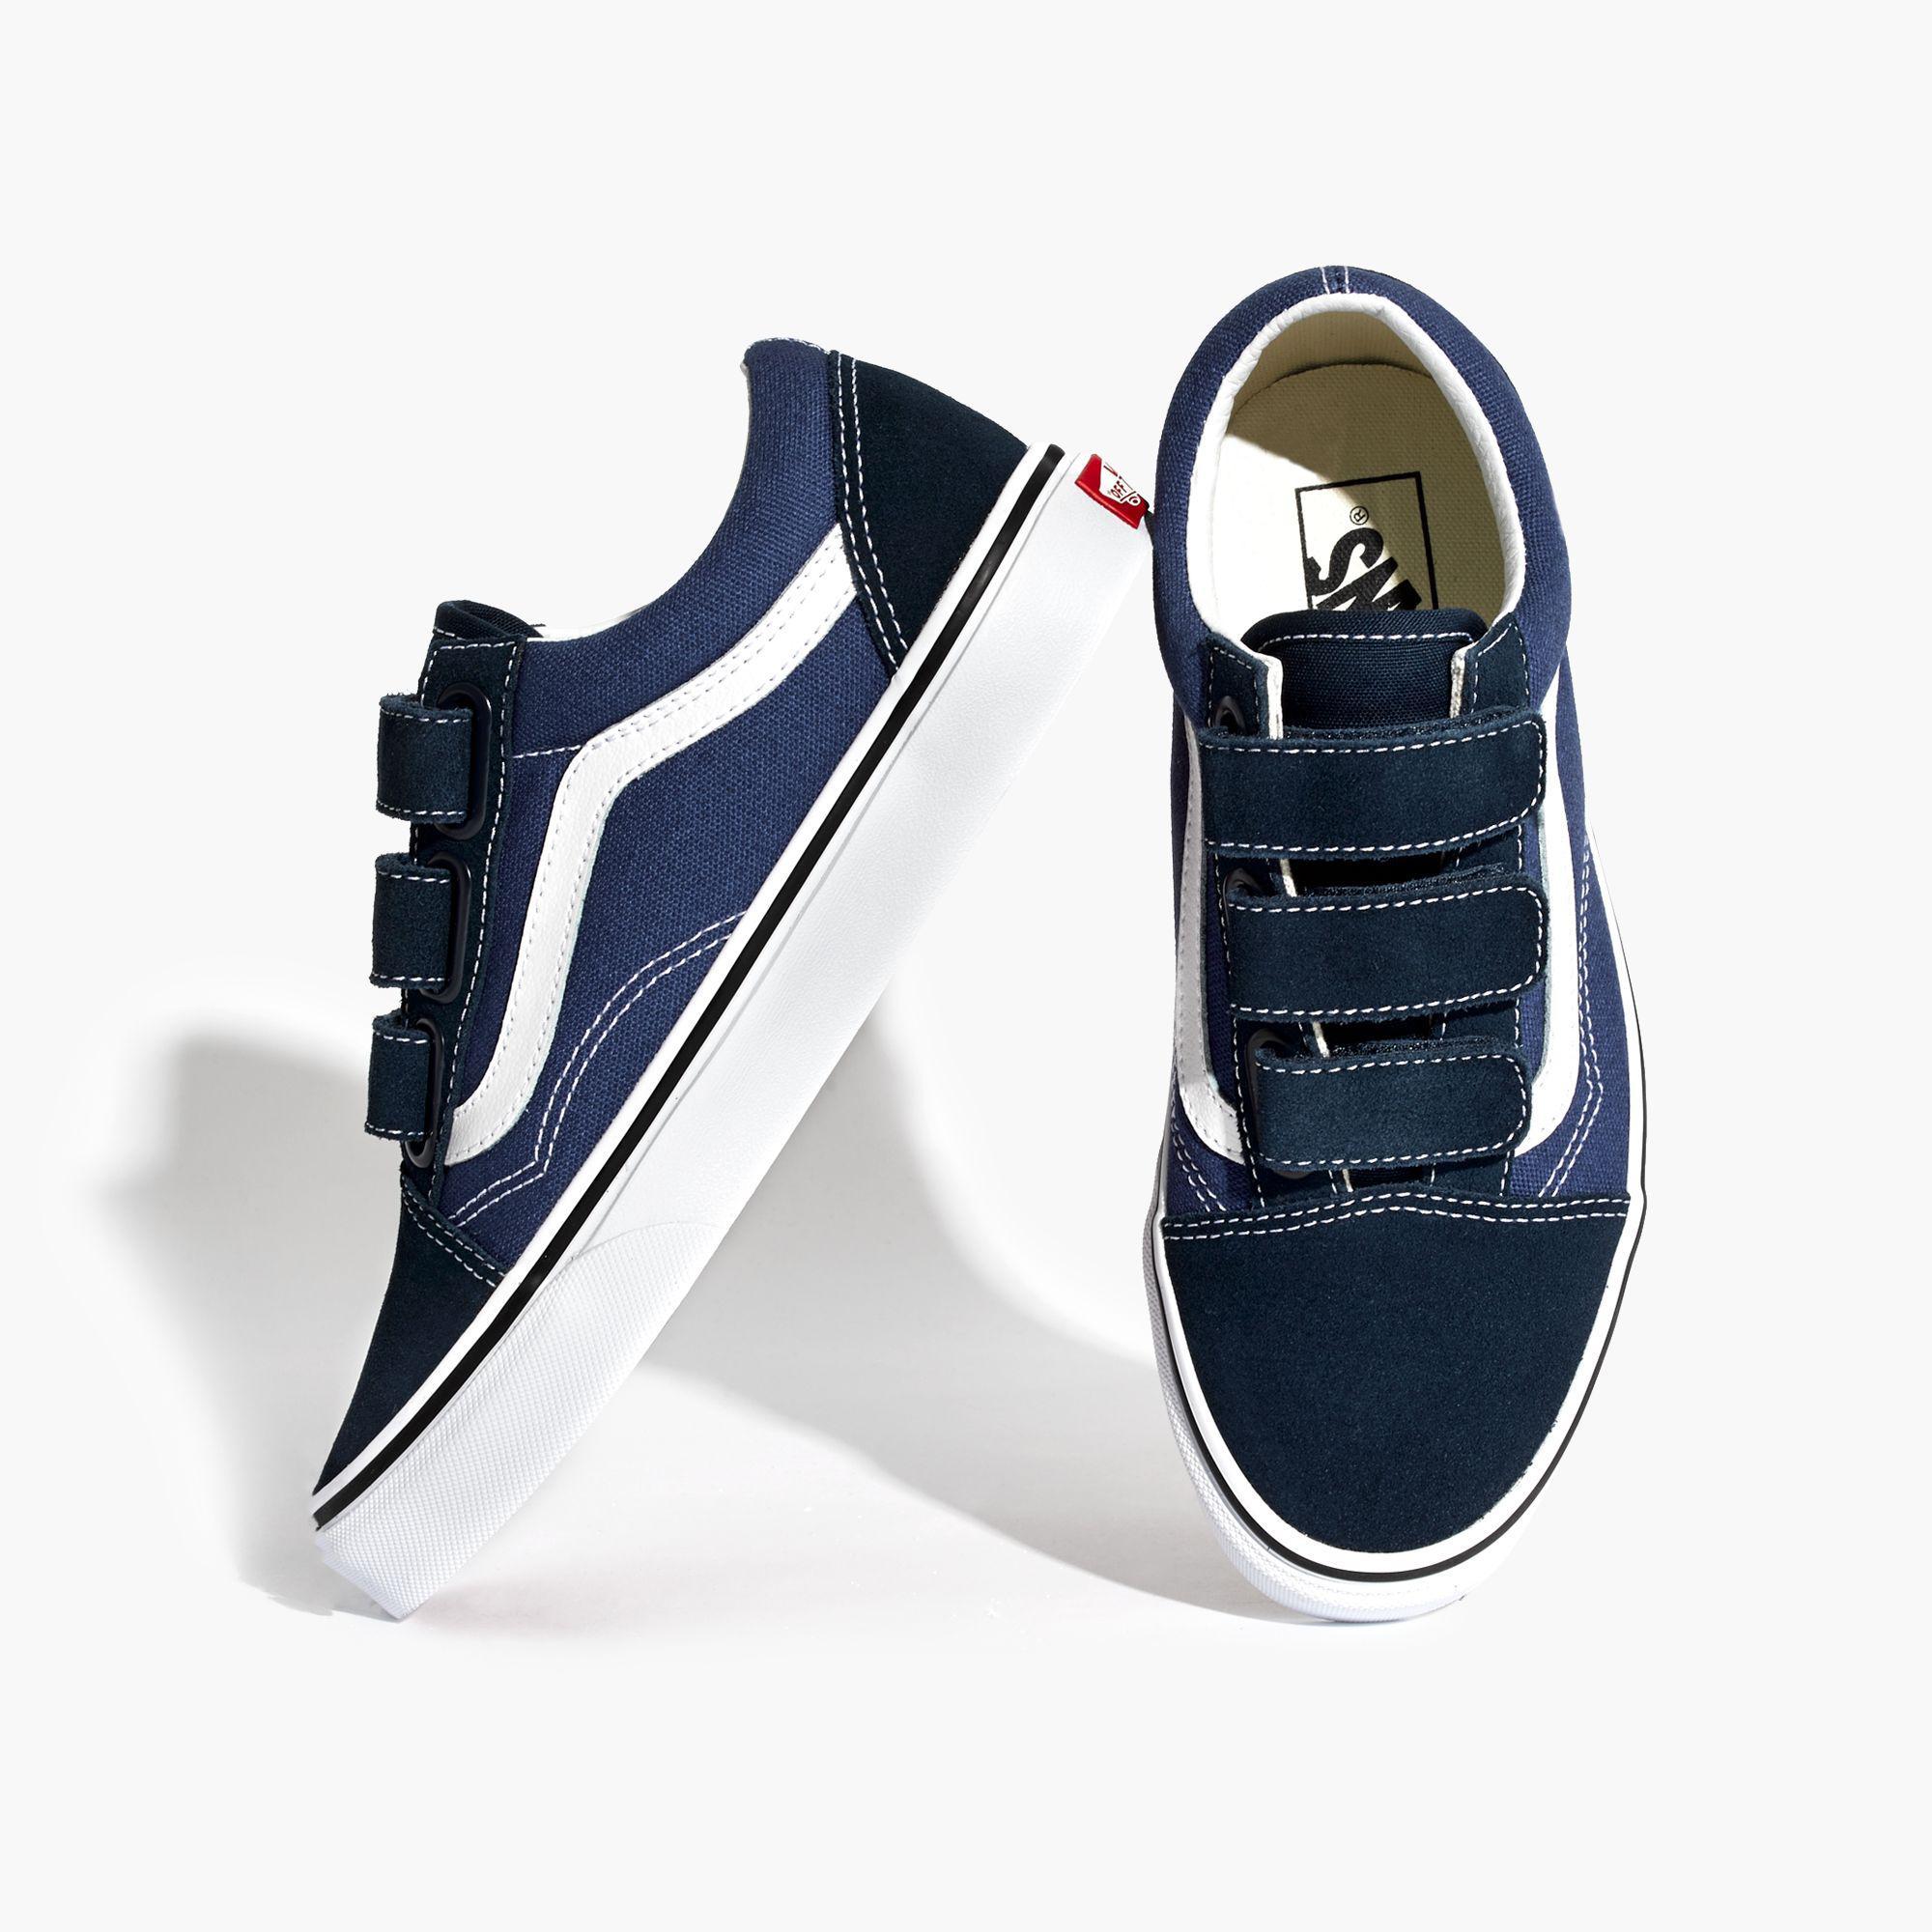 Lyst - Madewell Vans Unisex Old Skool Velcro Sneakers In -1119